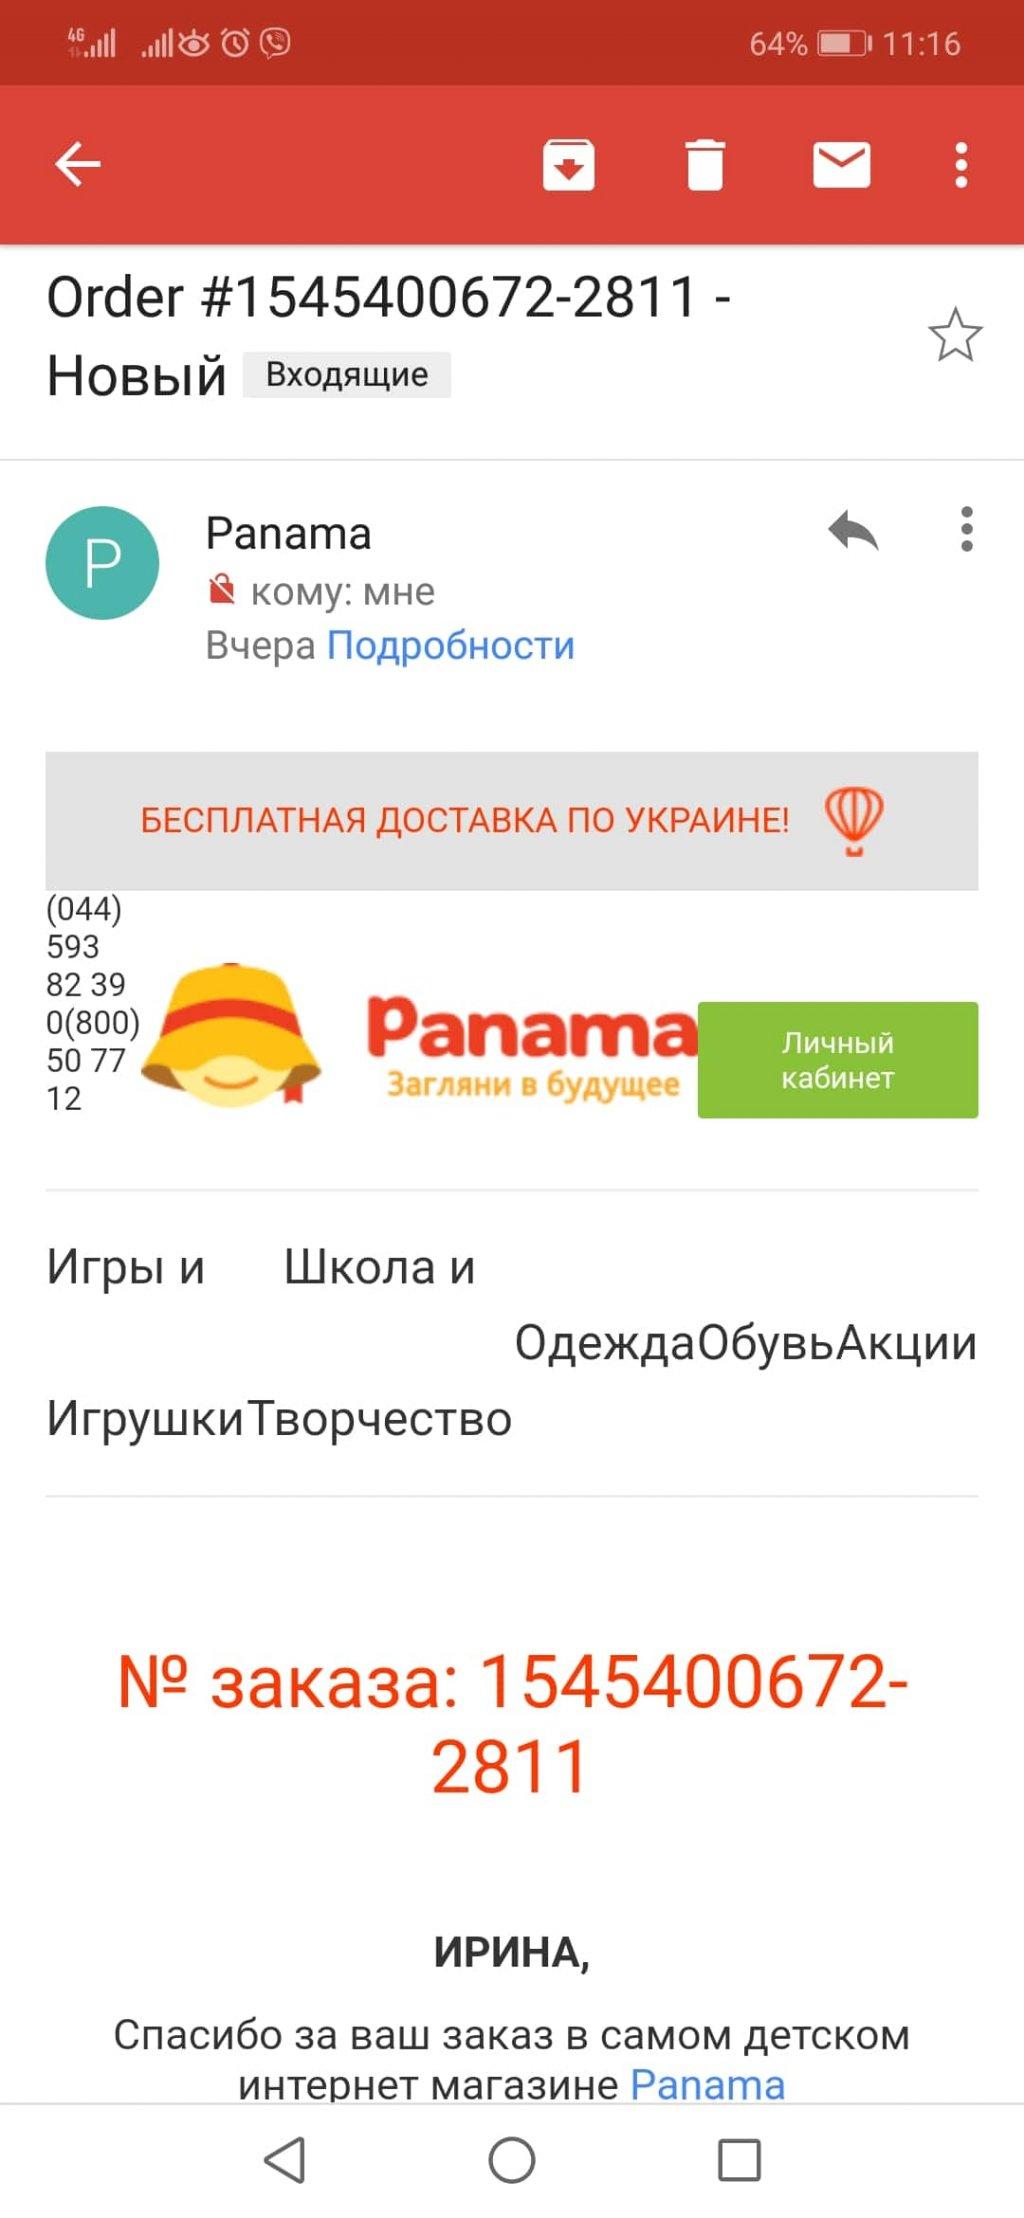 Интернет-магазин panama.ua - подарки